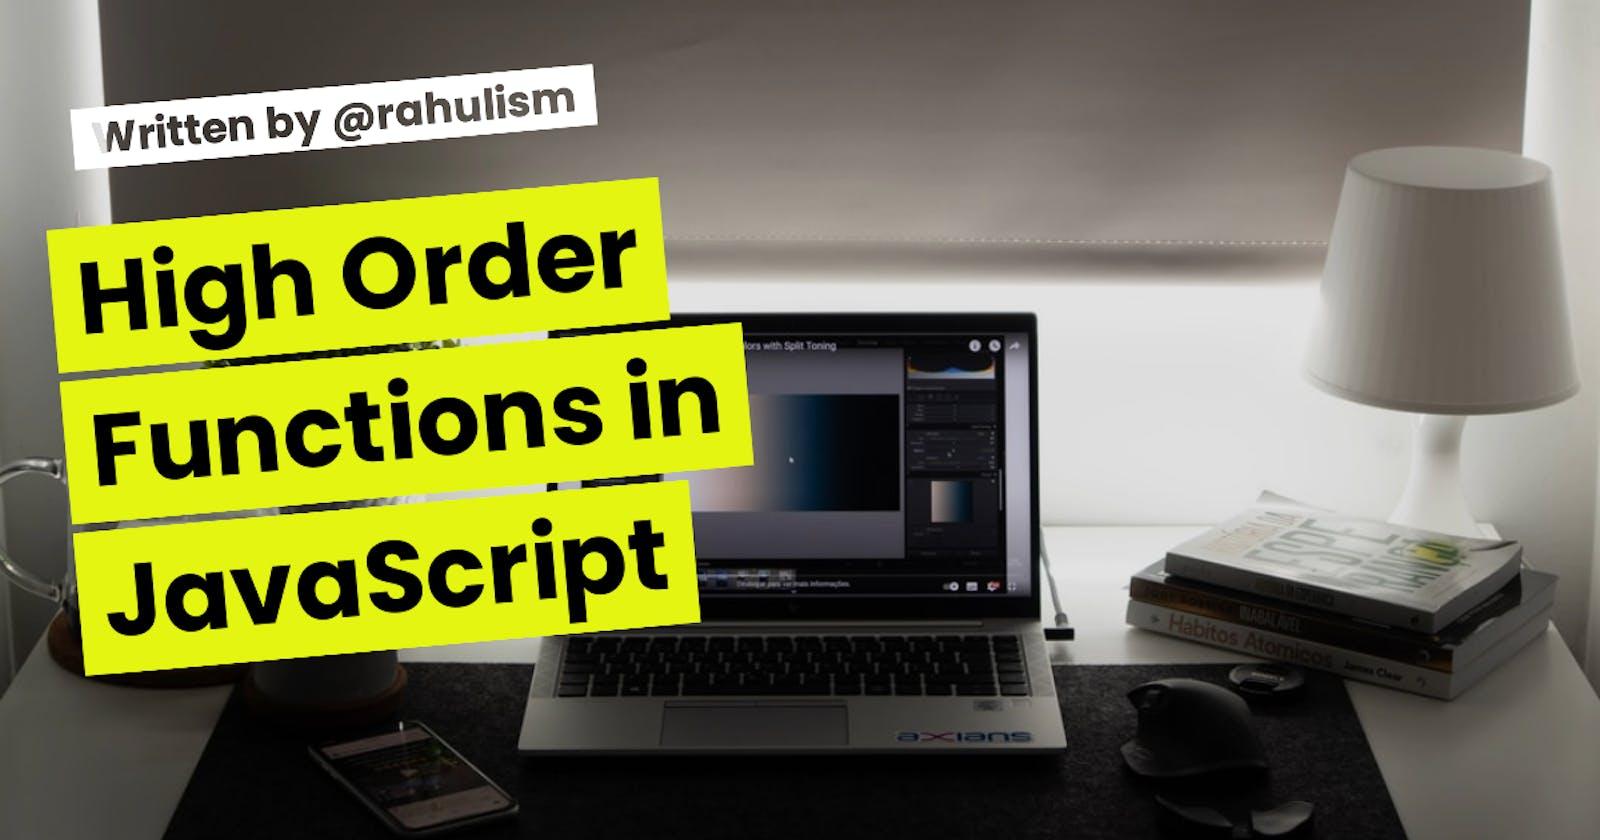 High Order Functions in JavaScript